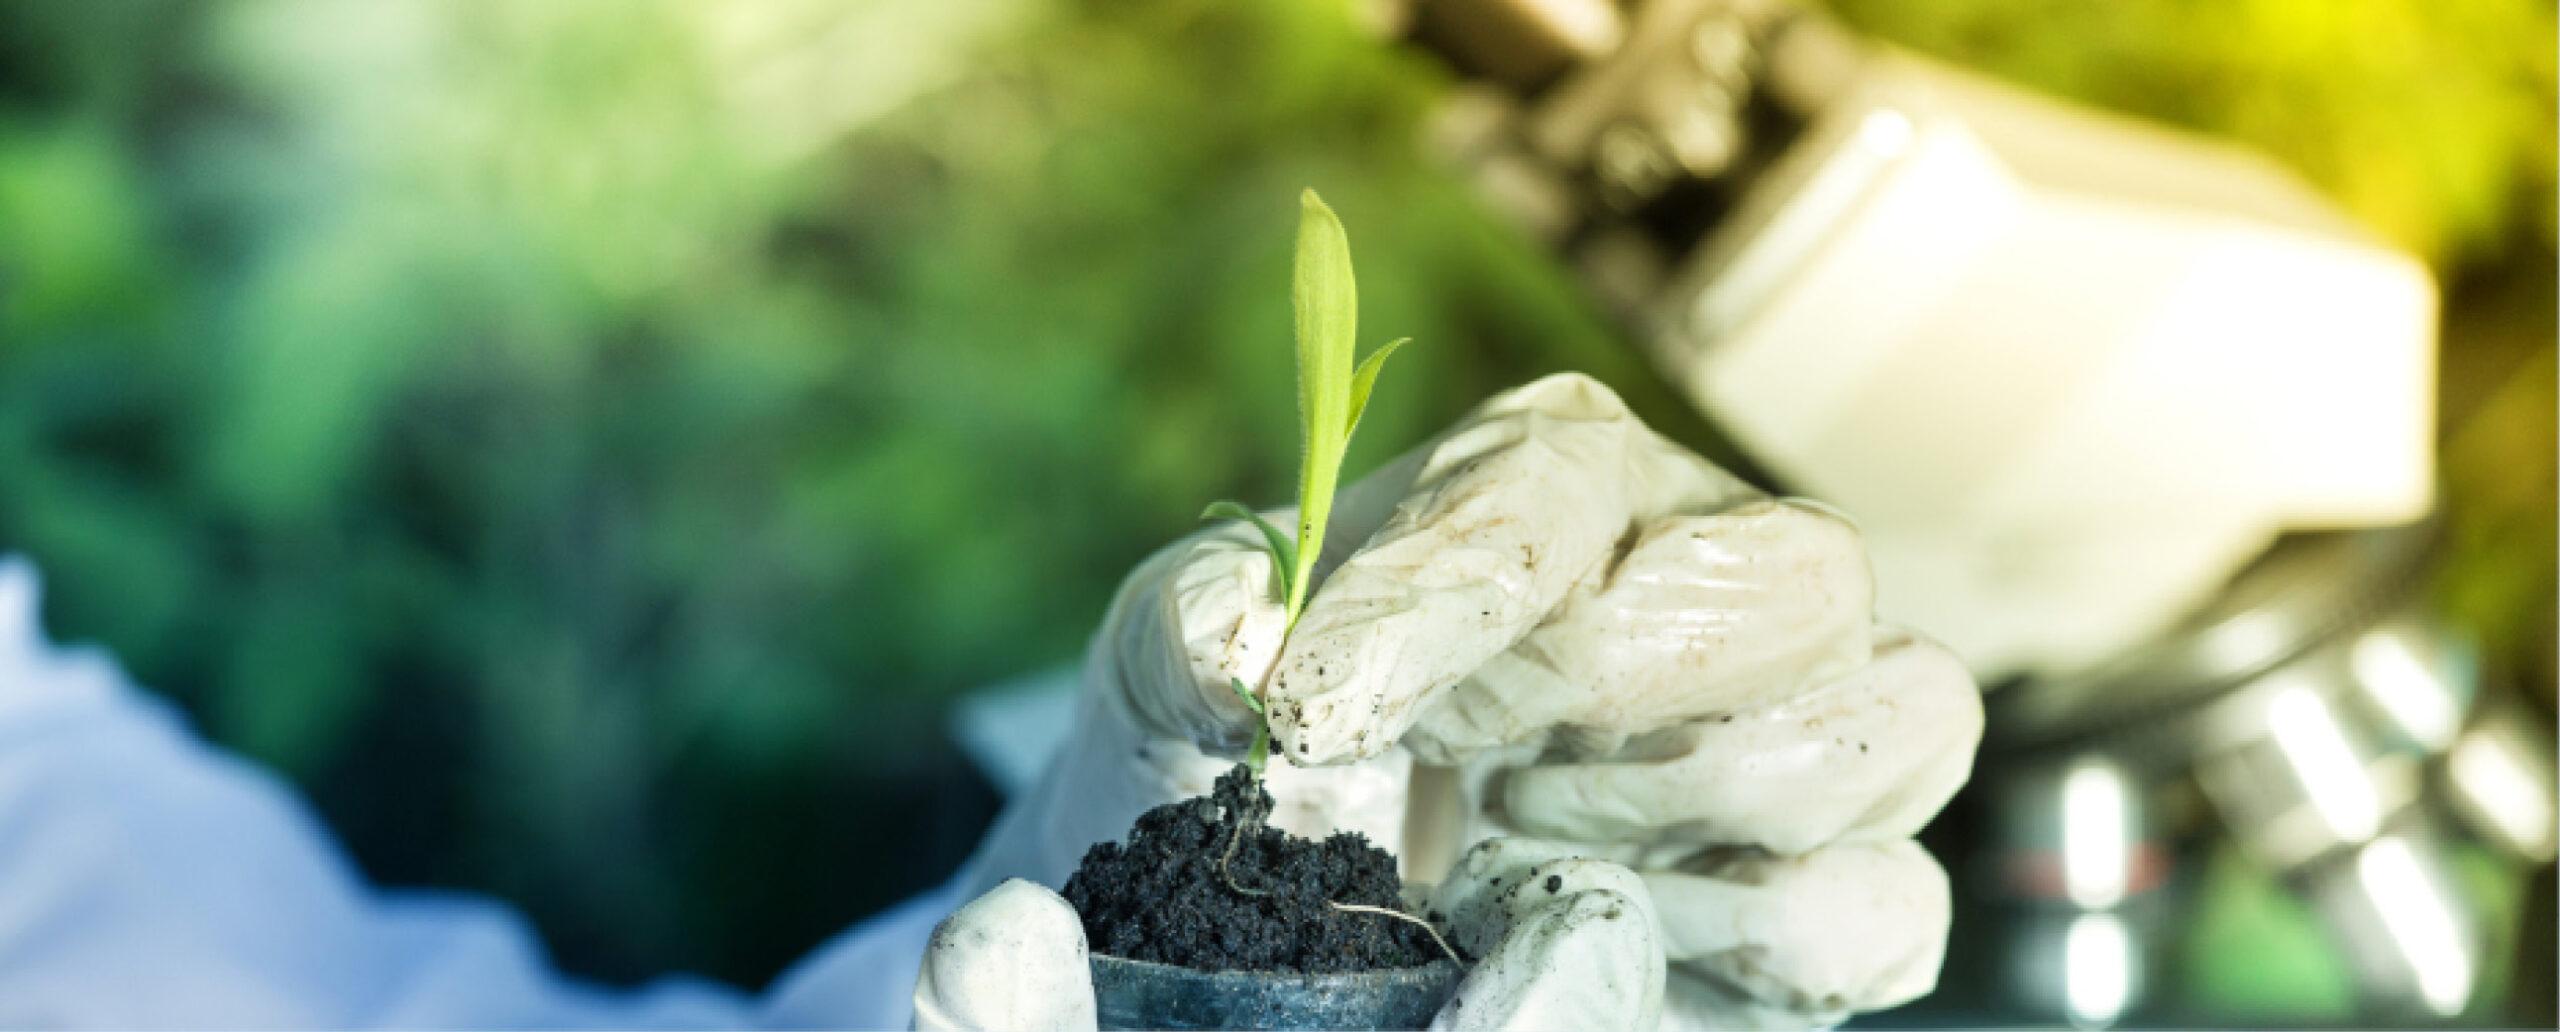 天然植物精油萃取來源